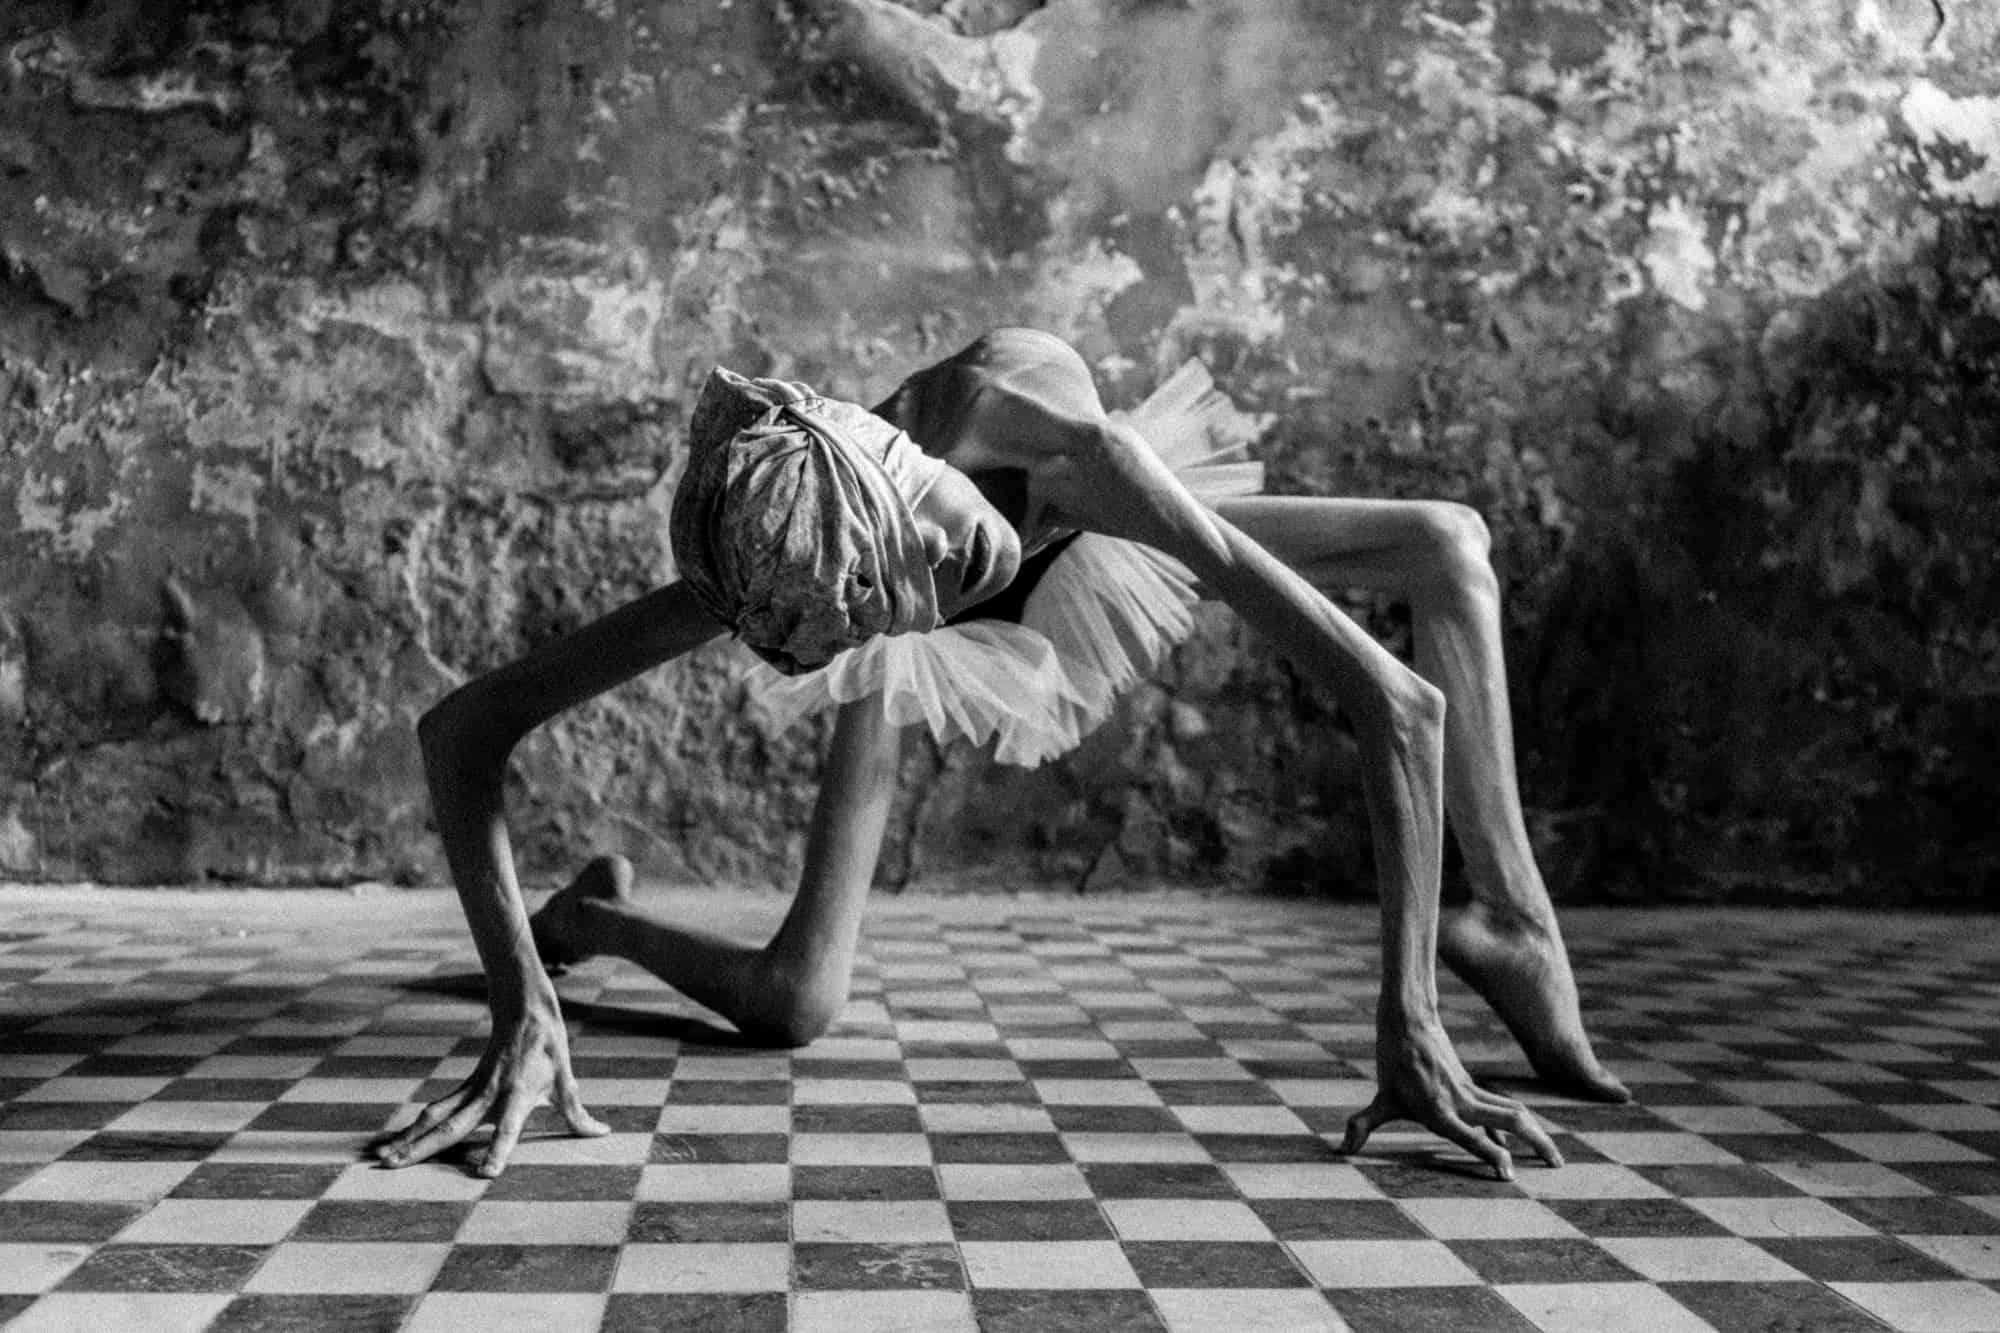 beksinski, photo art